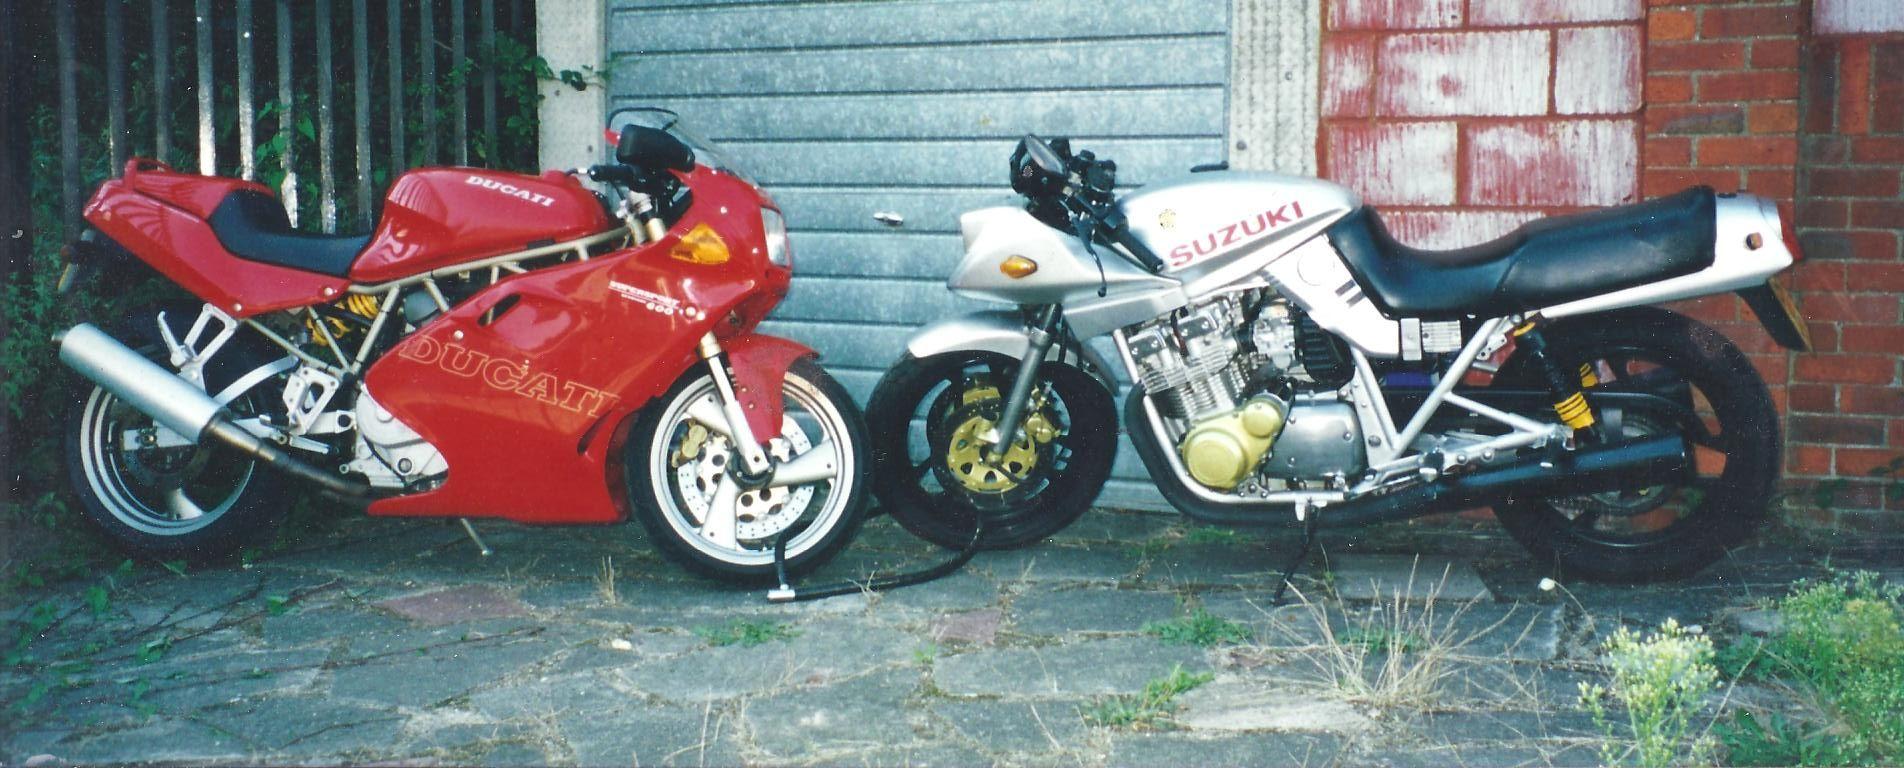 Pin On Motorbikes